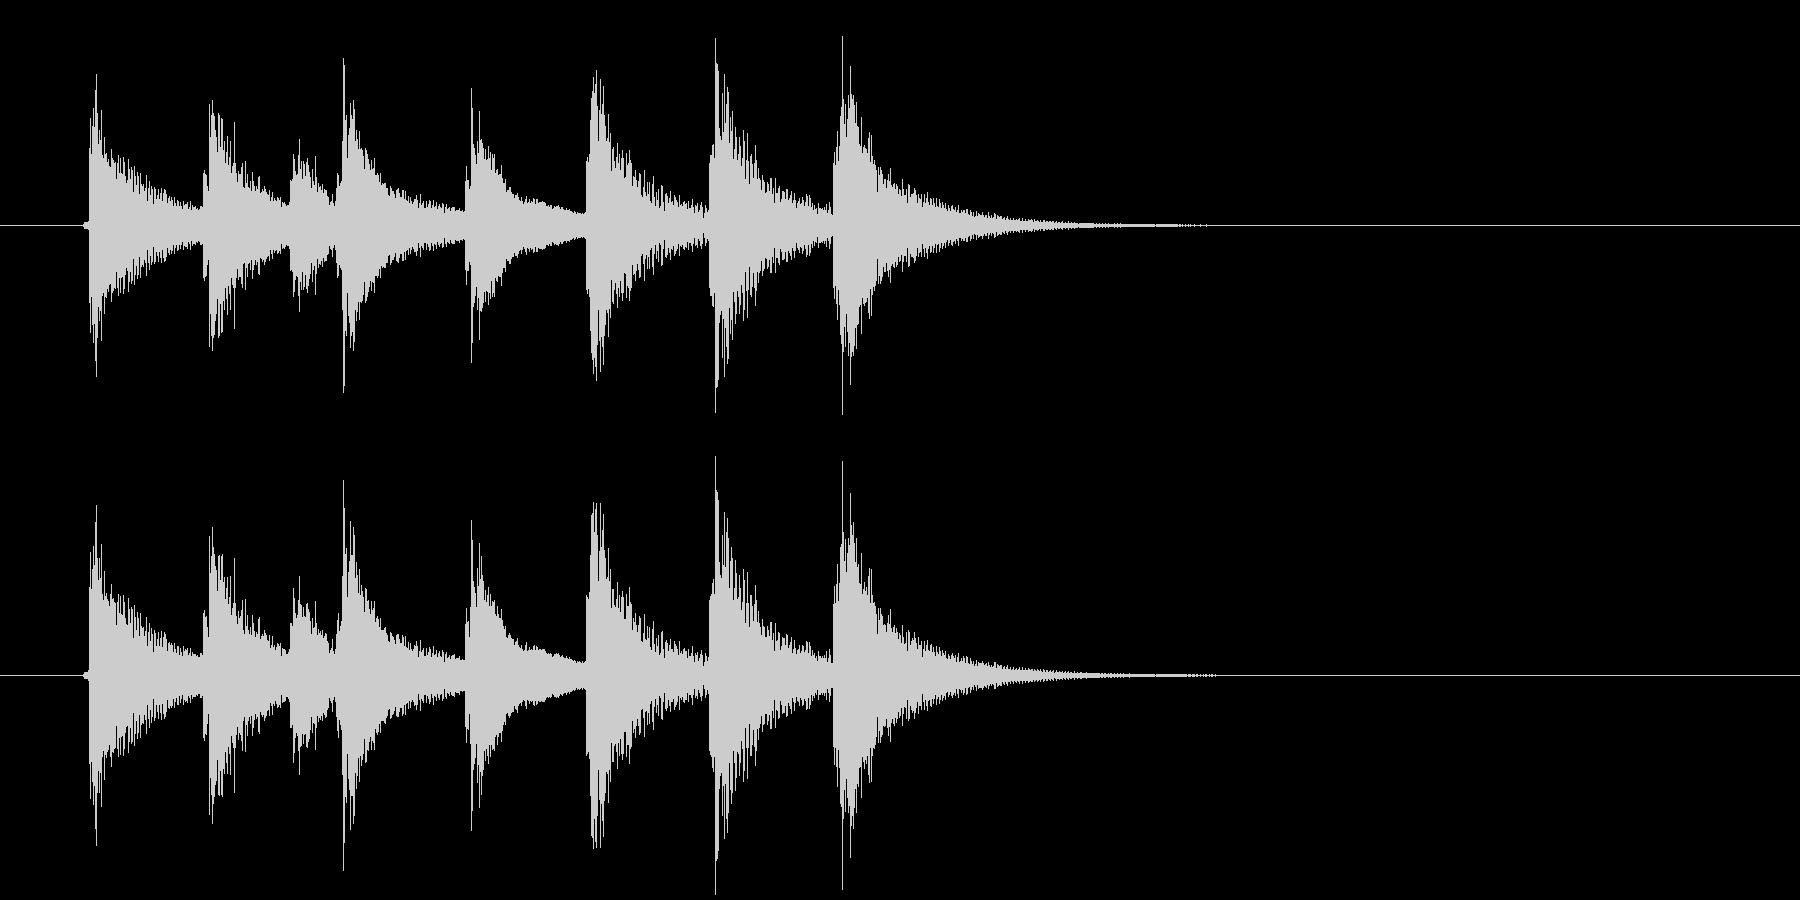 金属/ガラス系打楽器ジングルの未再生の波形